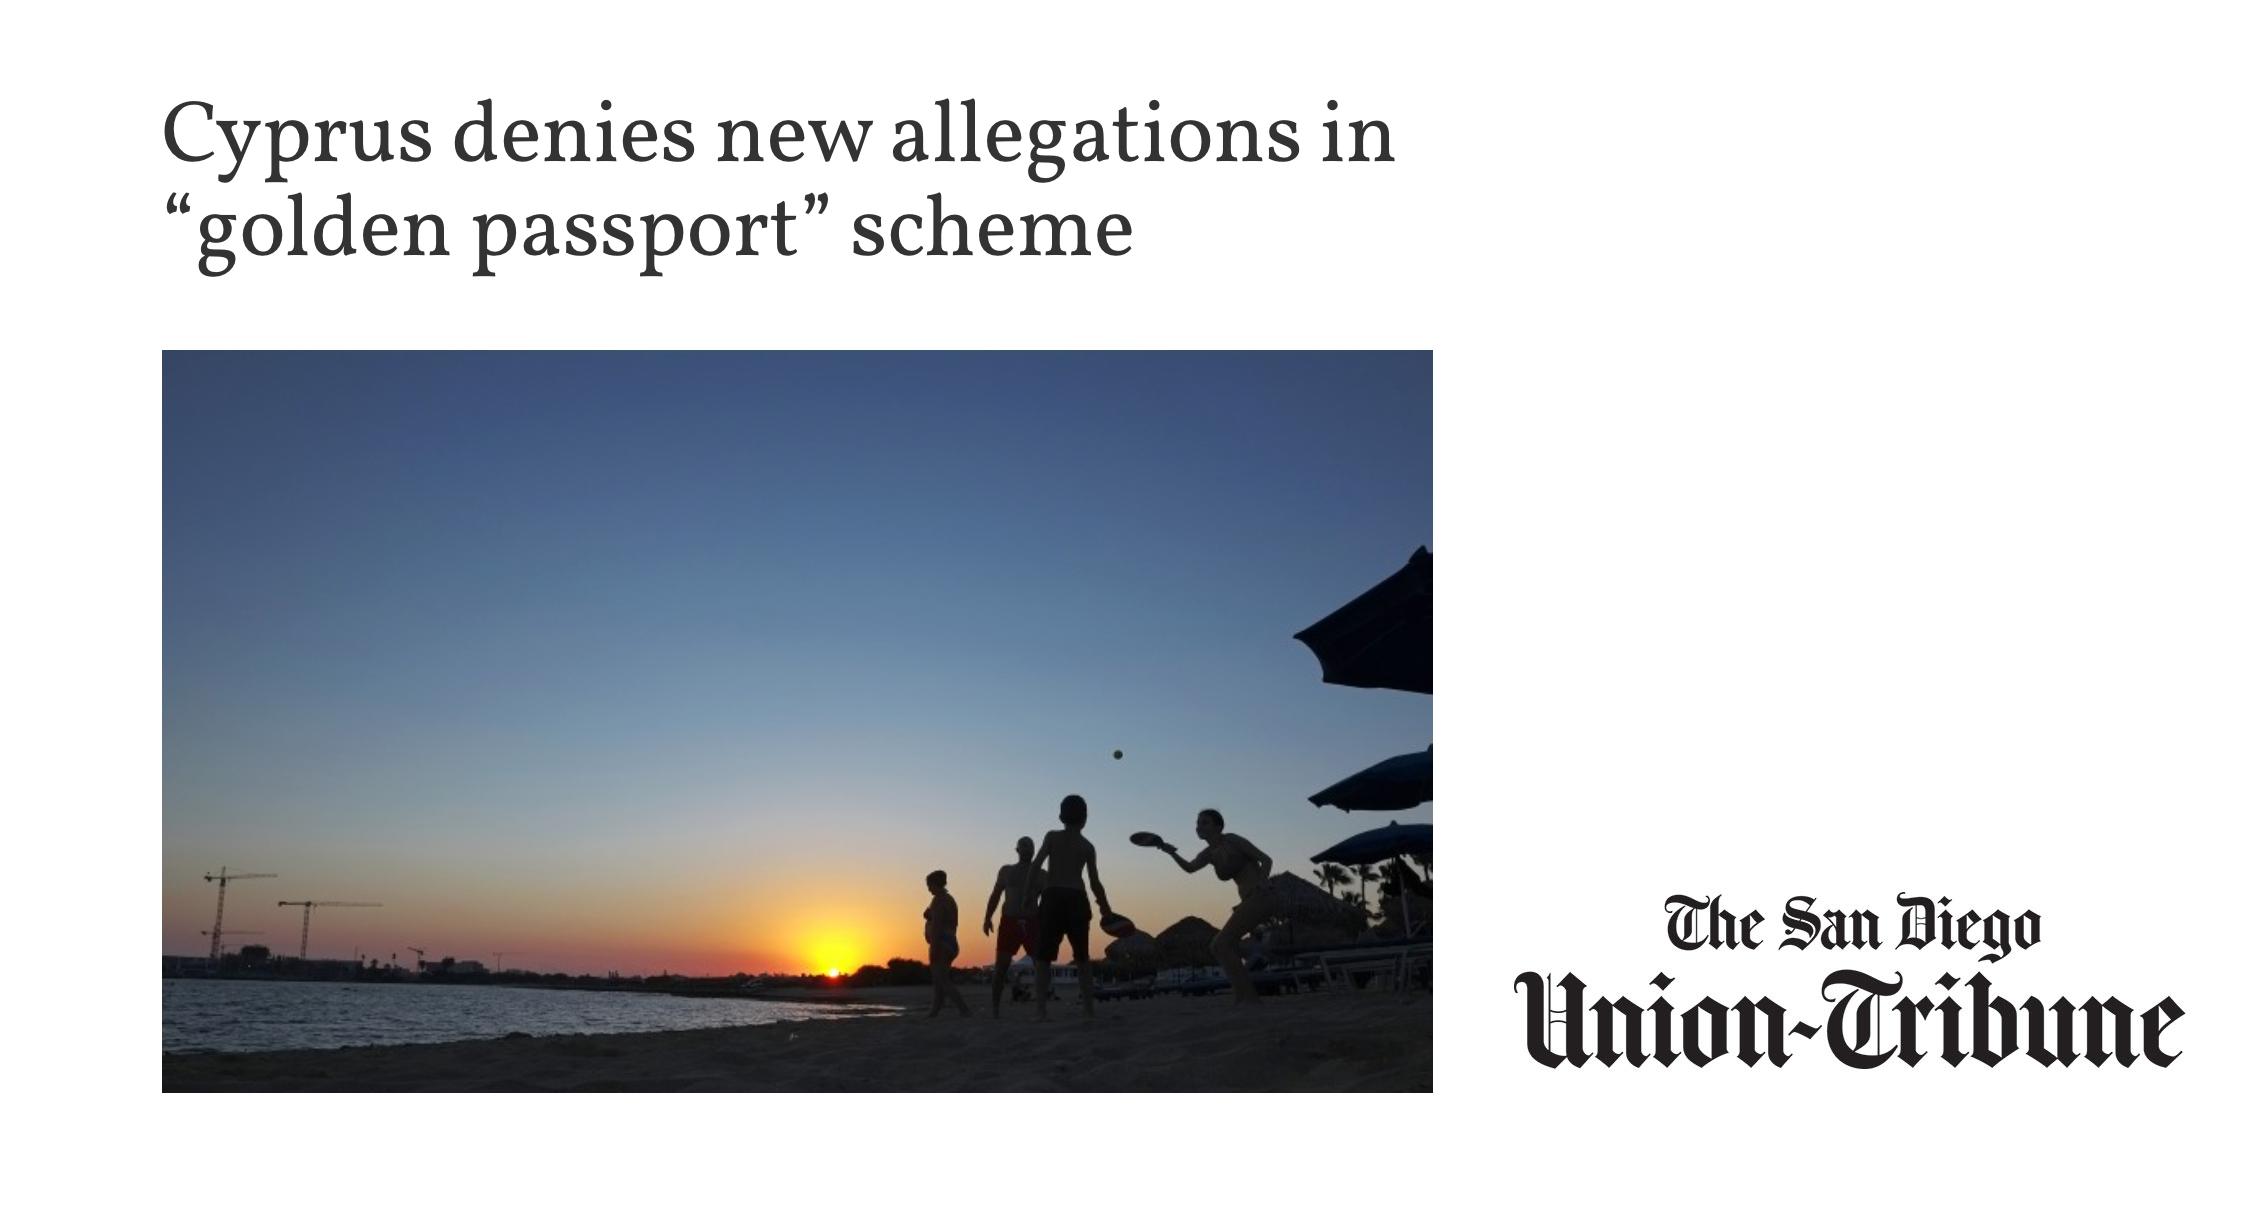 """San Diego Tribune: Cyprus denies new allegations in """"golden passport"""" scheme"""